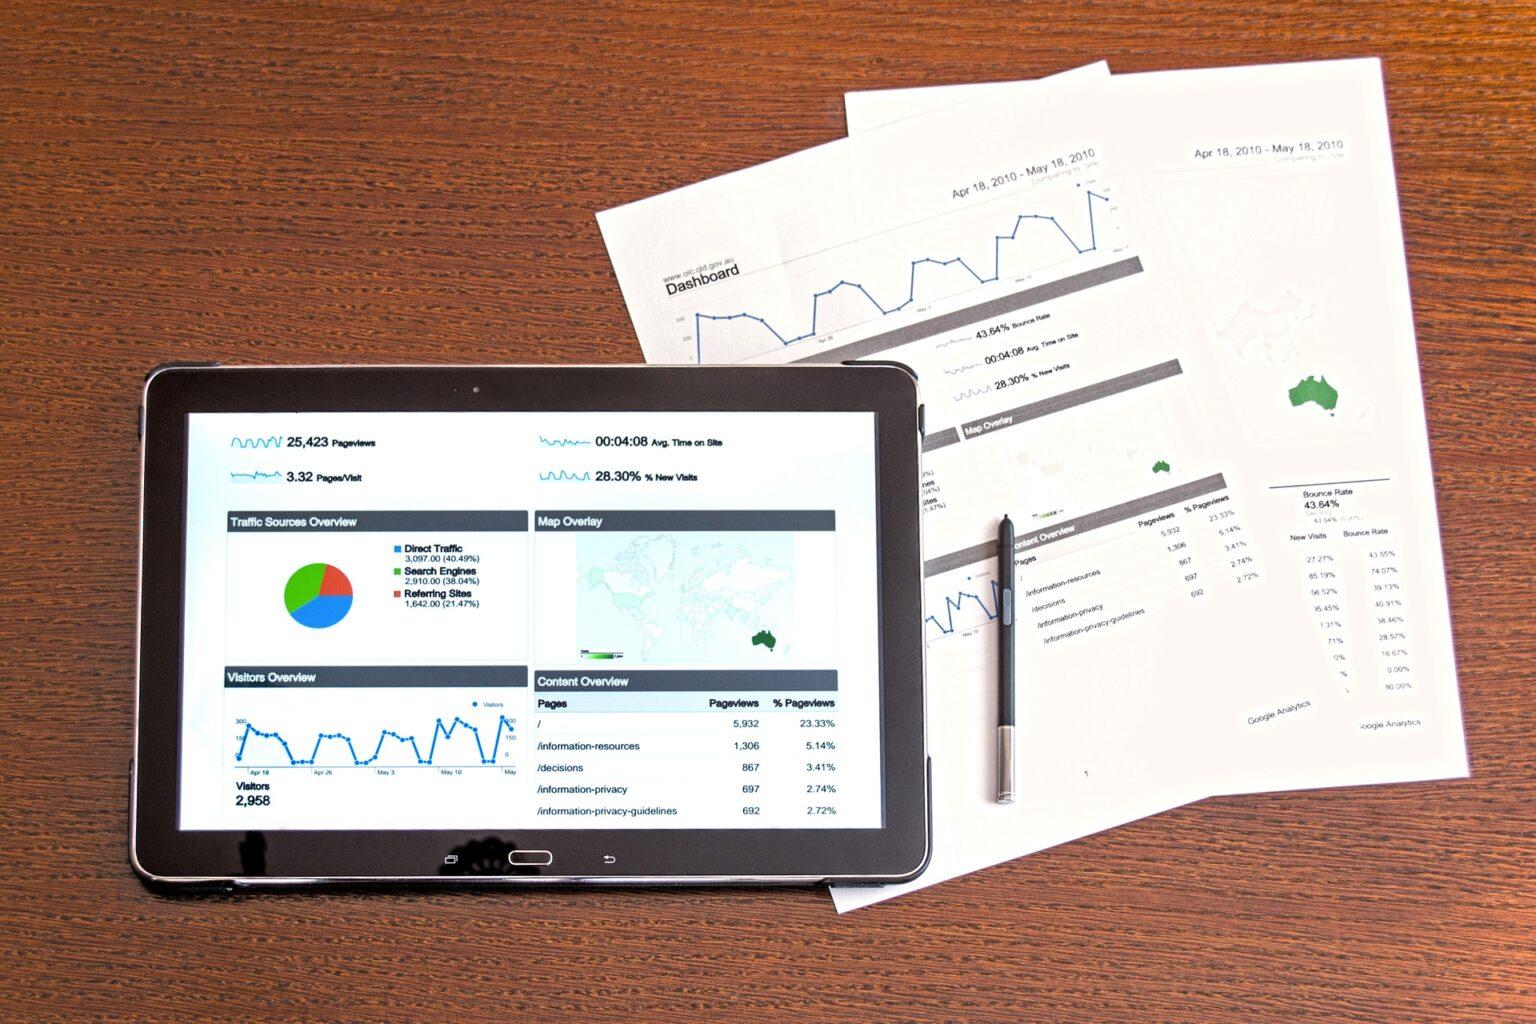 Matriz BCG: entenda como funciona esse modelo de análise e gestão